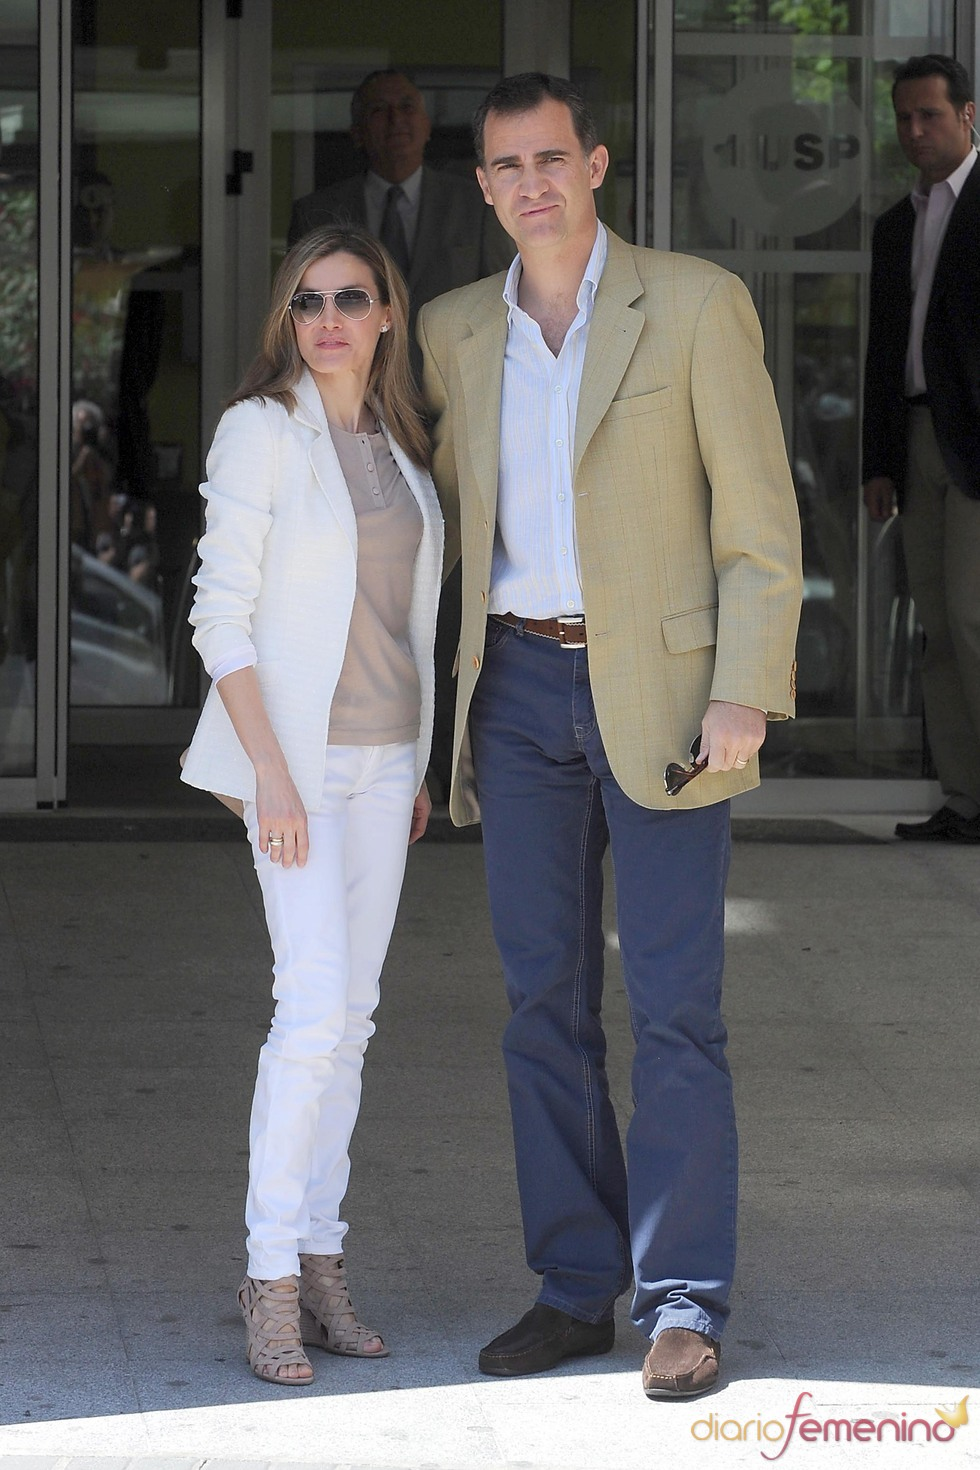 Los Príncipes de Asturias acuden al hospital a visitar al Rey Juan Carlos